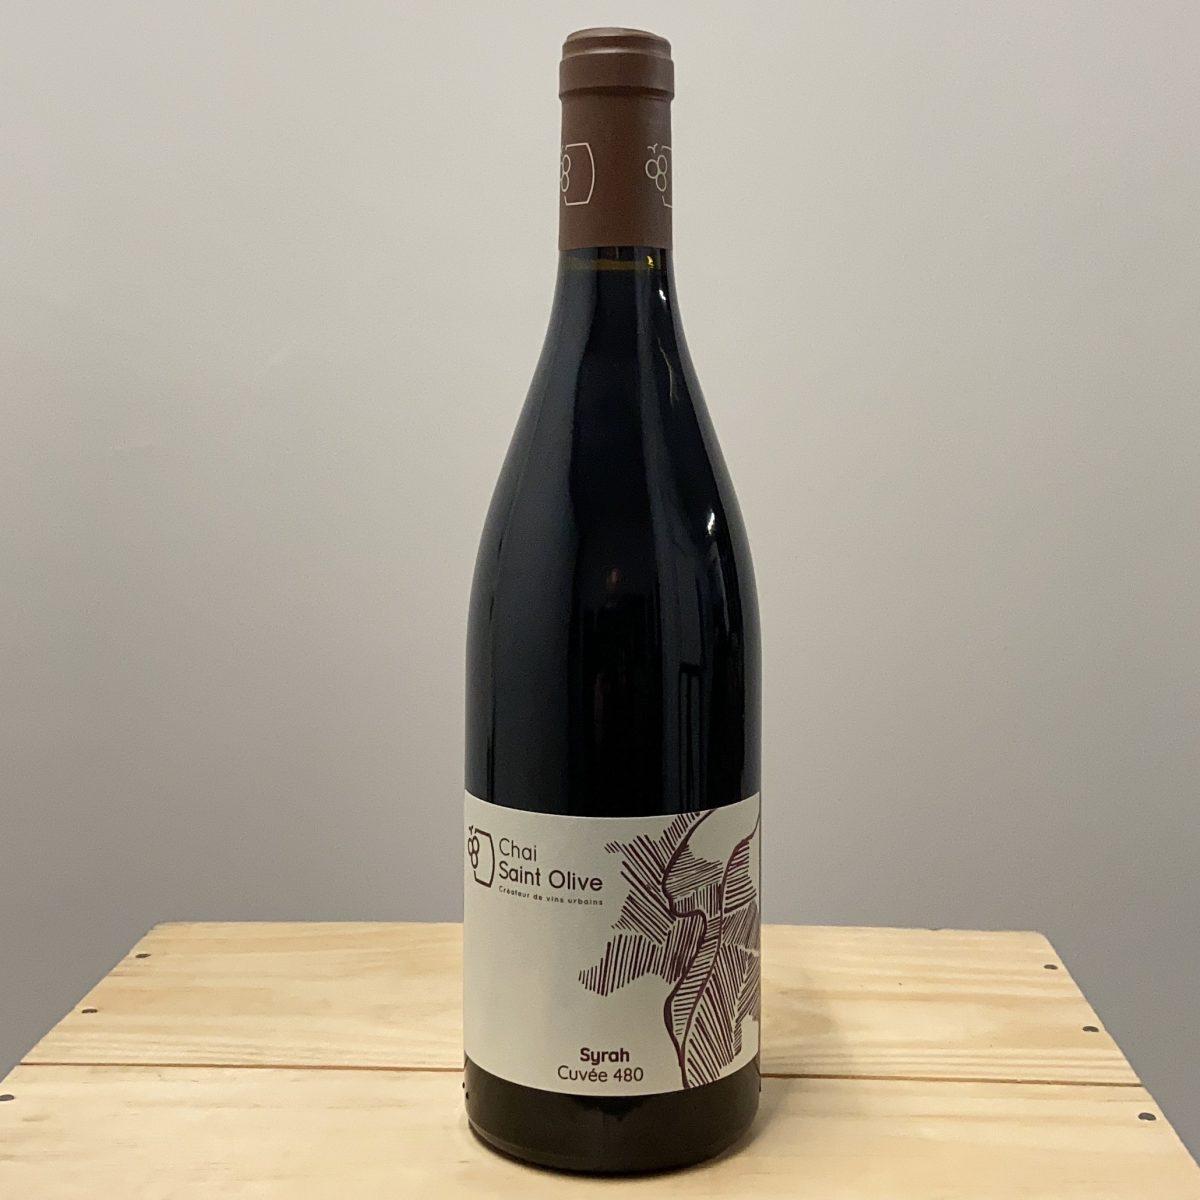 Chai Saint Olive, vins urbains, Syrah